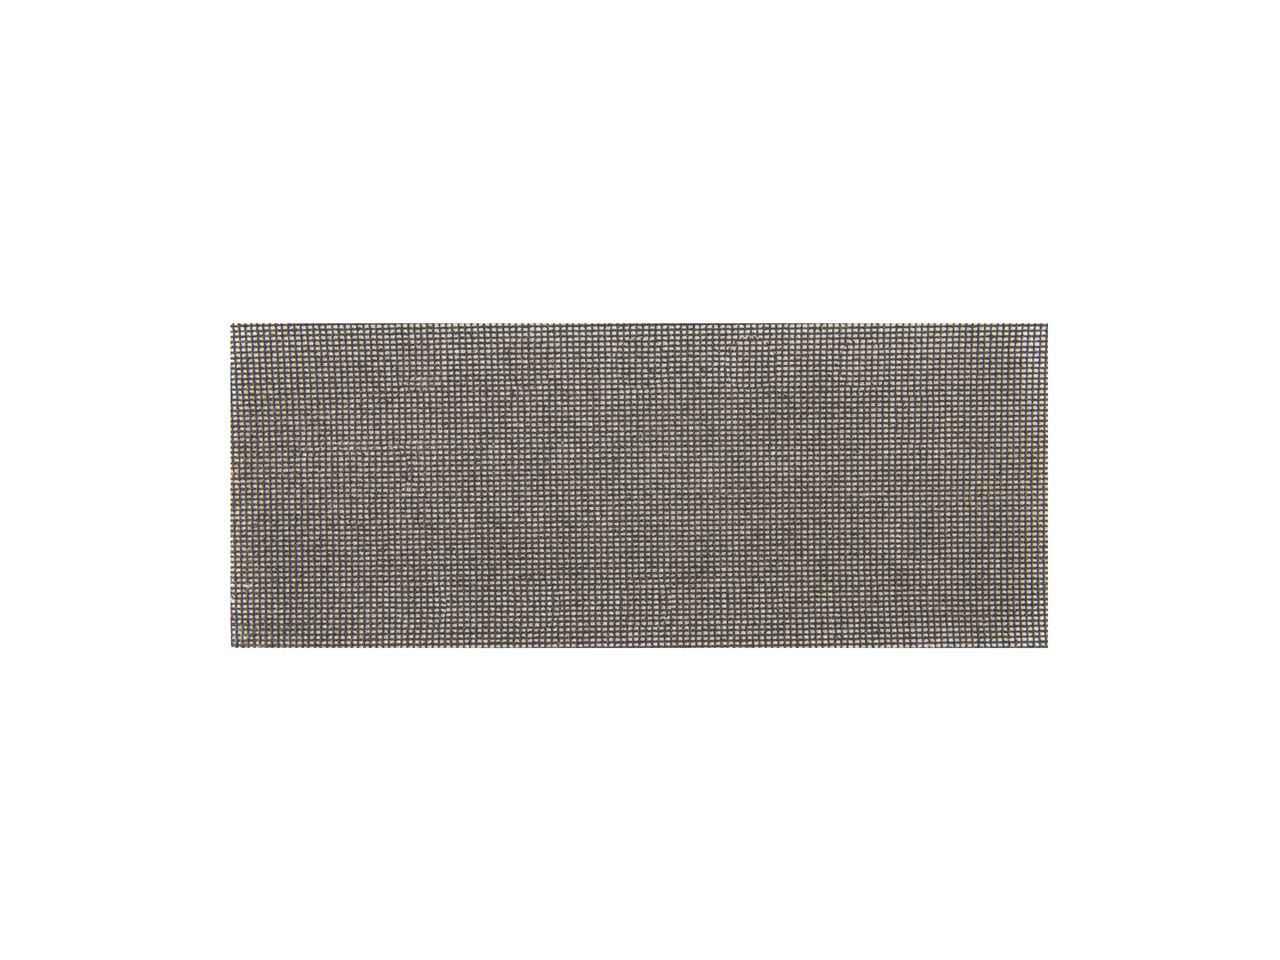 # Silverine Hook /& Loop Mesh Sheets 93 x 190mm 10pk 40 80 120 180 various grit